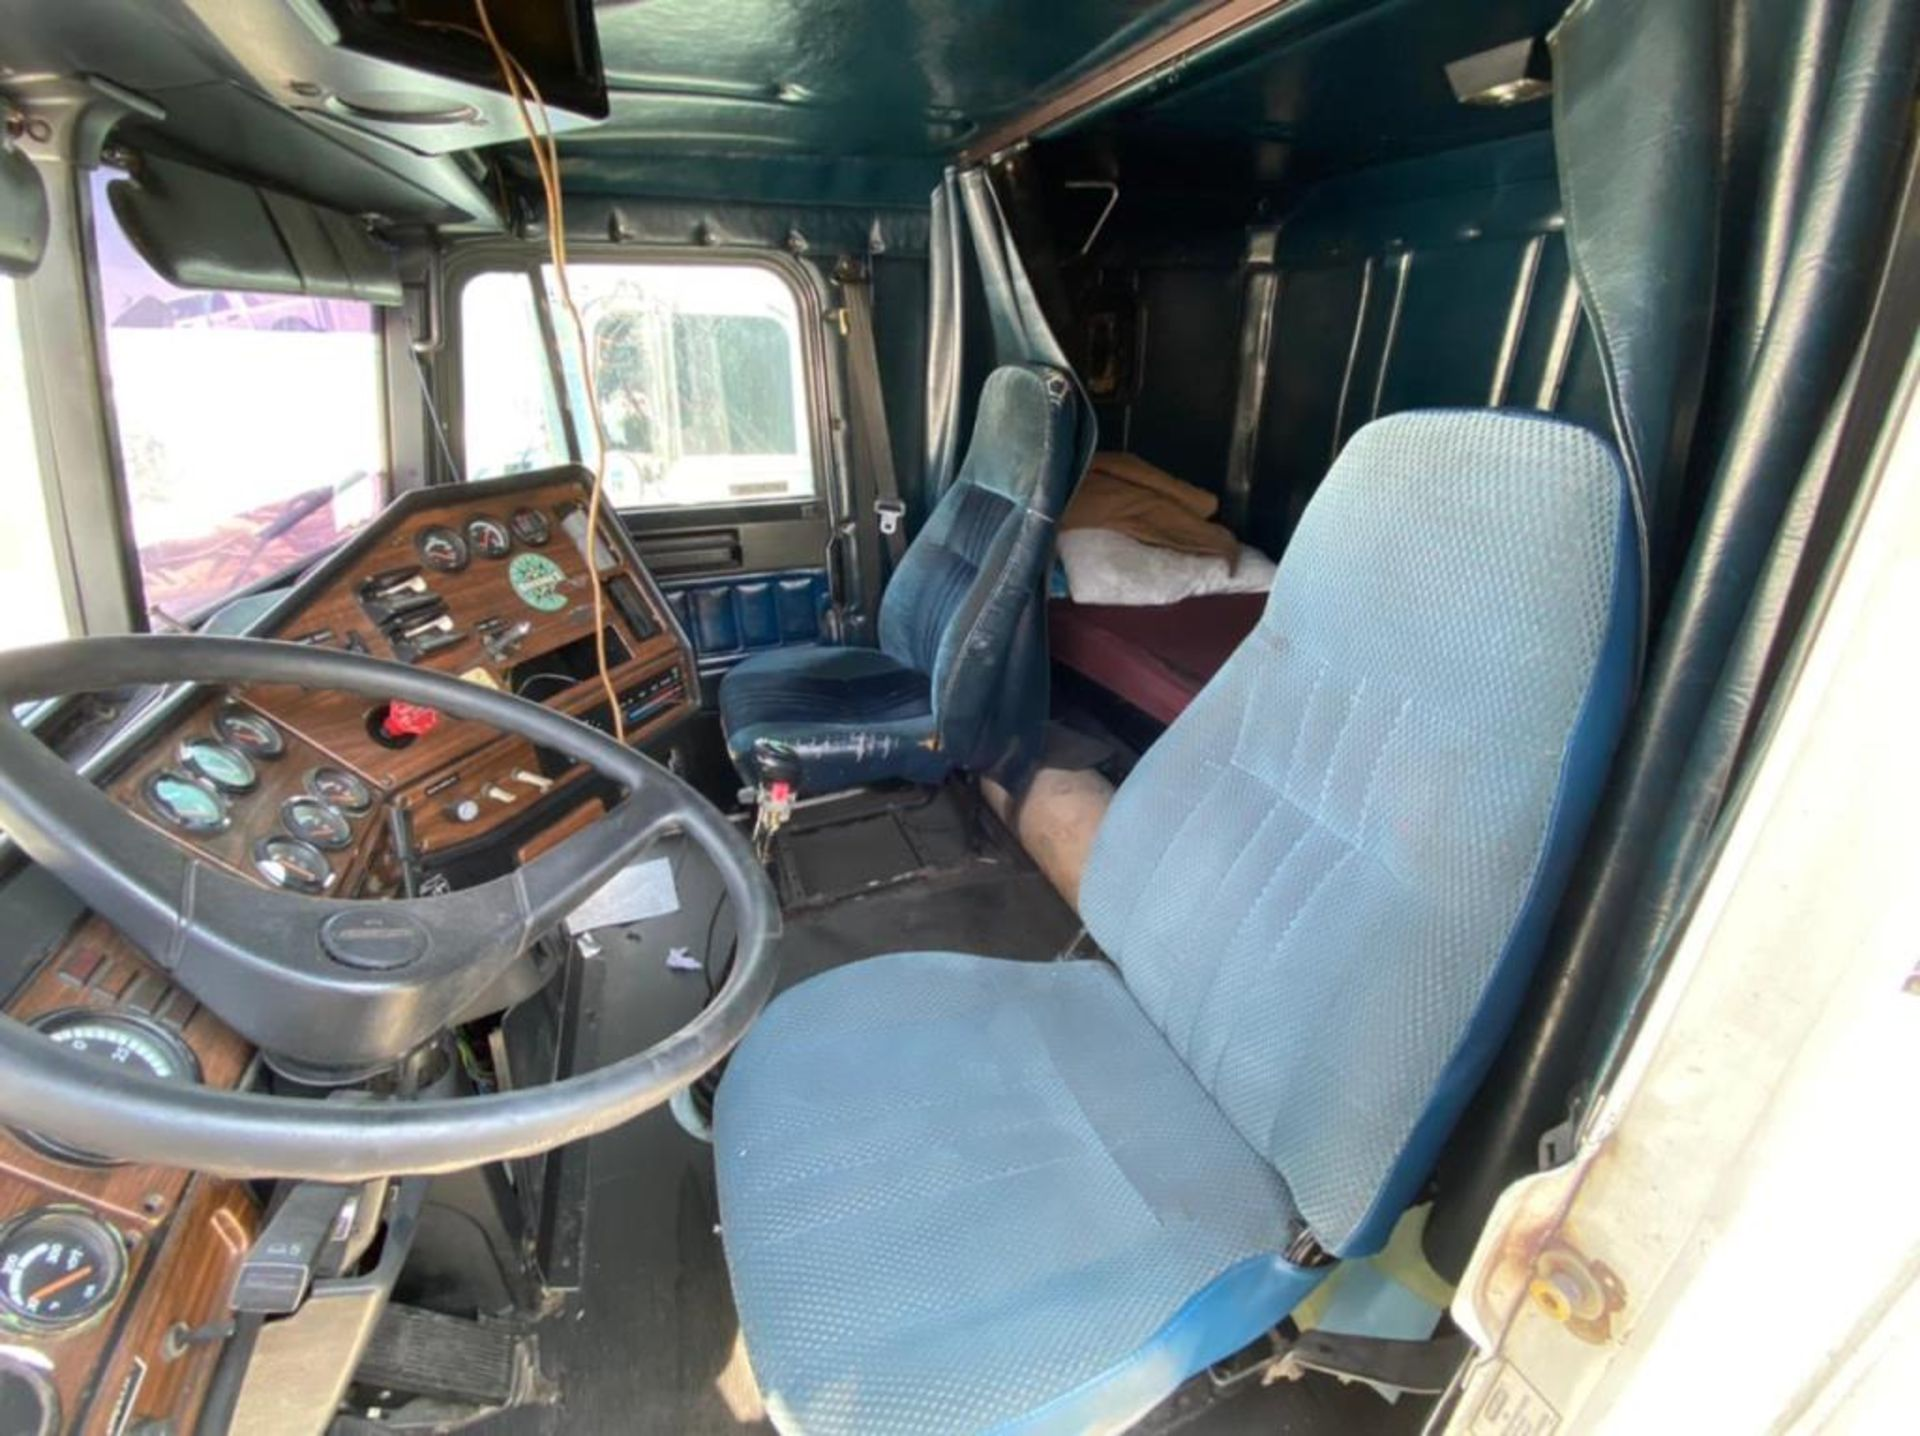 Tractocamión Marca FREIGHTLINER FLD-120, Modelo 1999 - Image 25 of 28